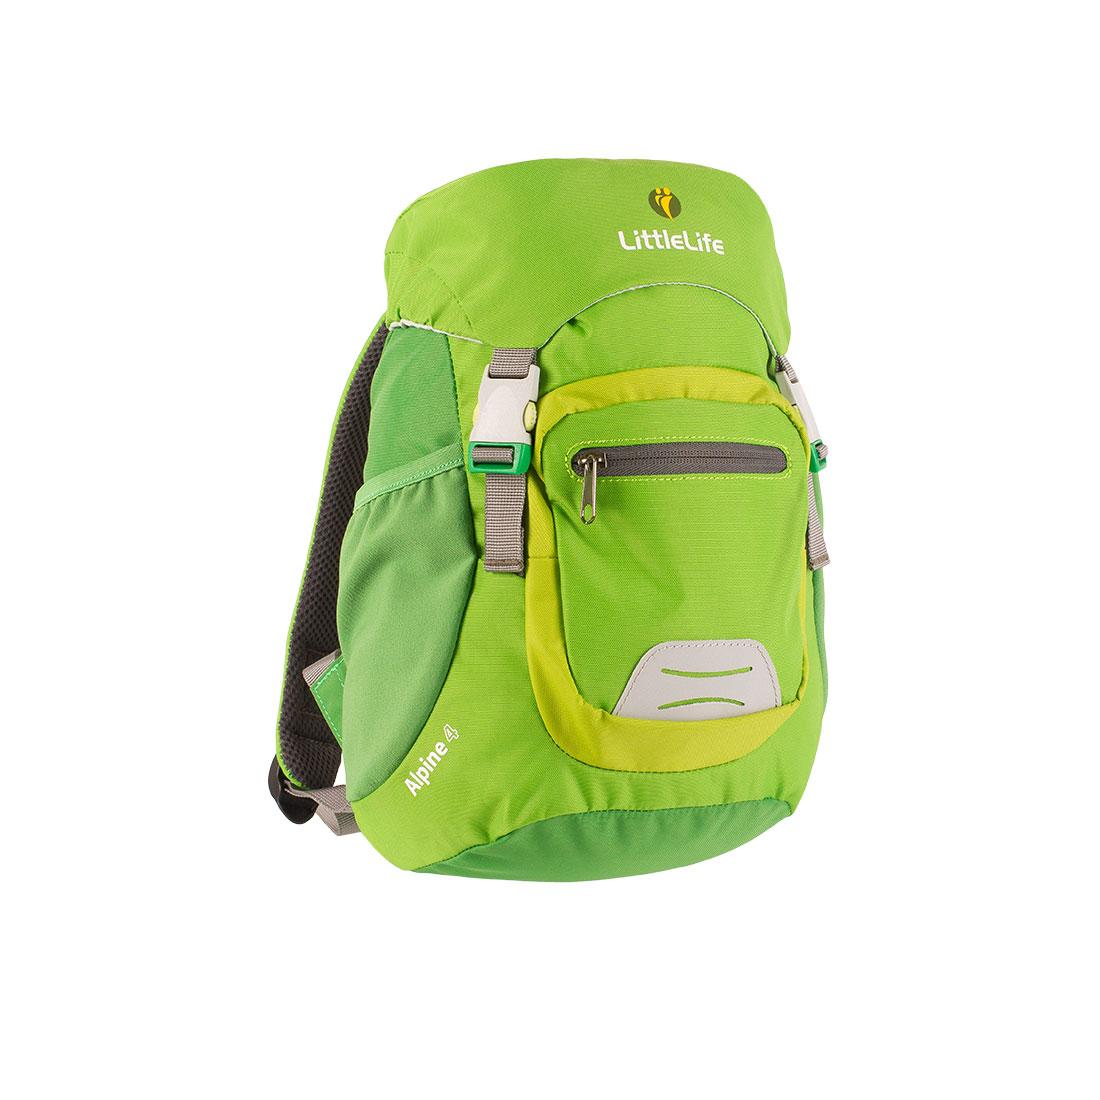 Dětský batoh LittleLife Alpine 4 Kids Daysack Barva: Green